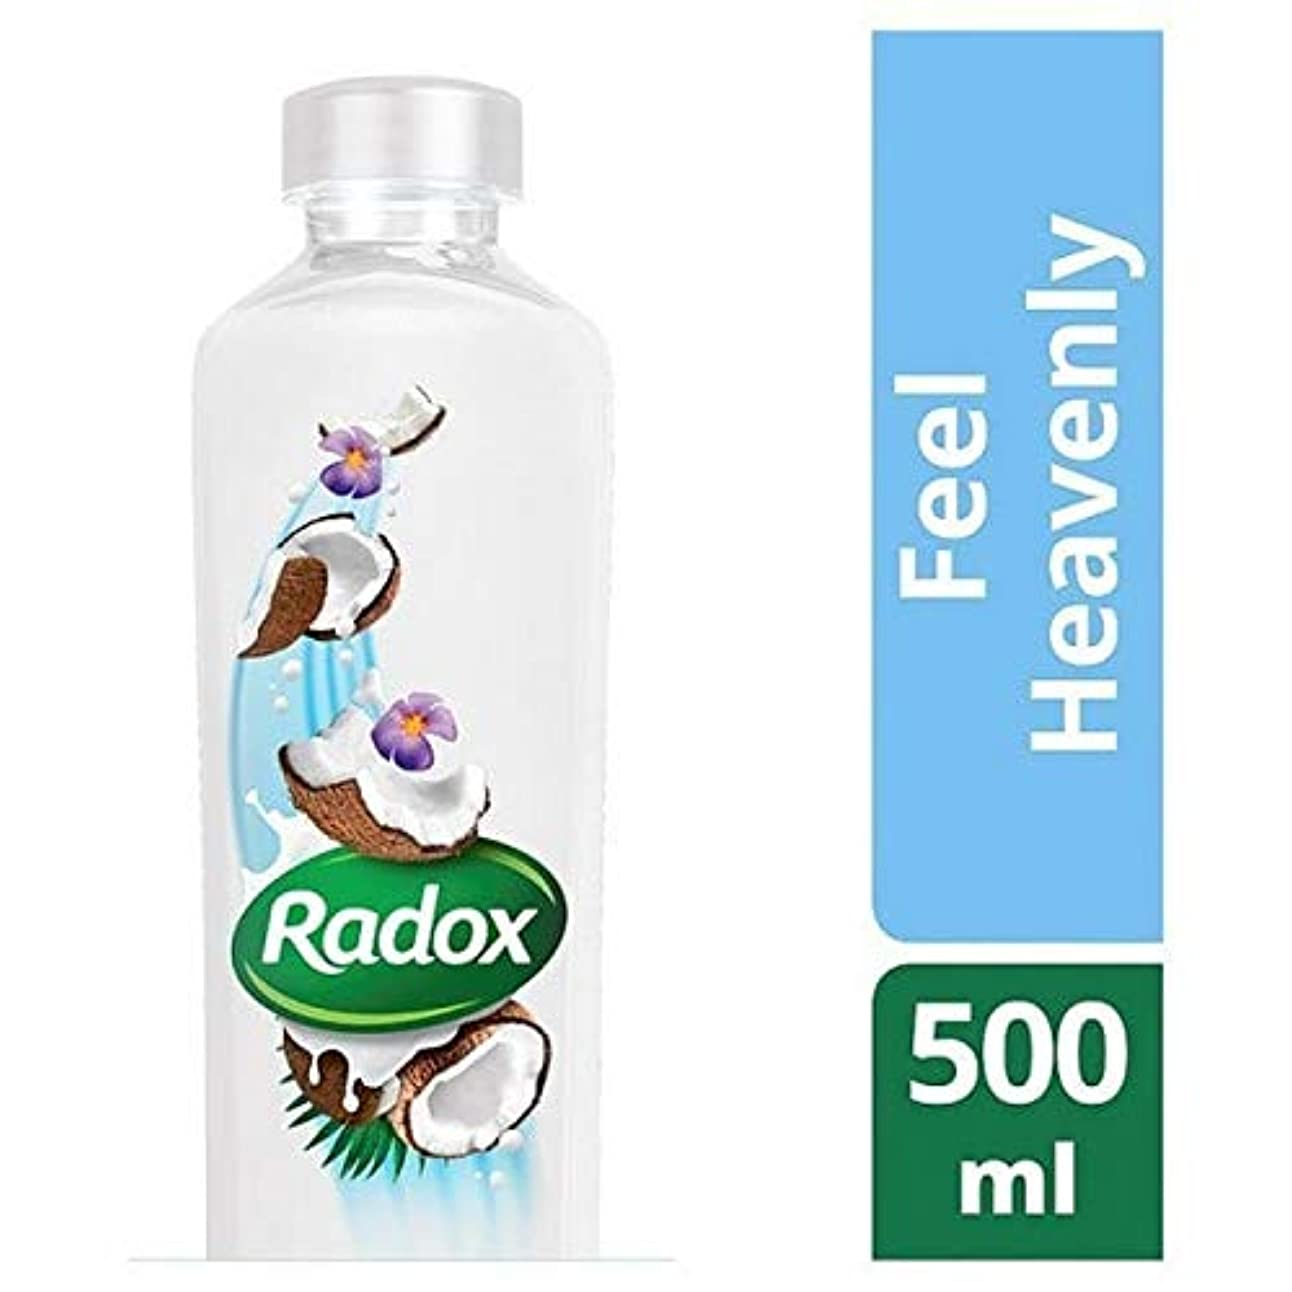 分配します減る評価[Radox] Radoxは天国の500ミリリットルを感じます - Radox Feel Heavenly 500ml [並行輸入品]